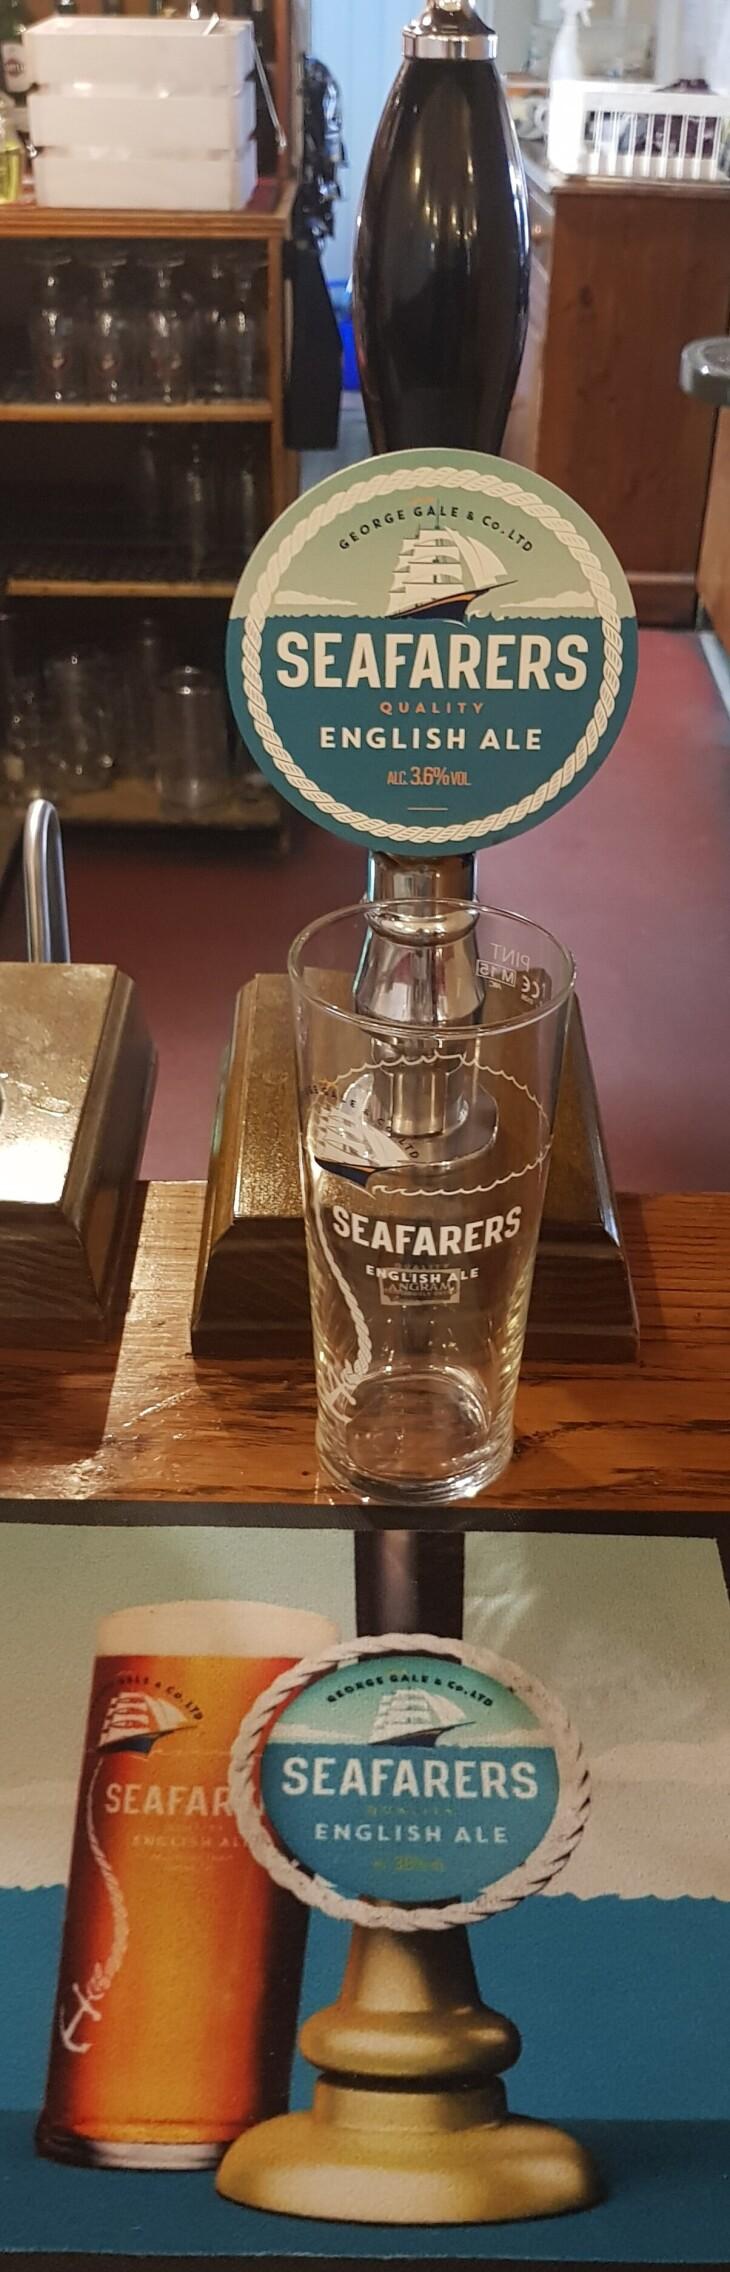 Seafarers Ale